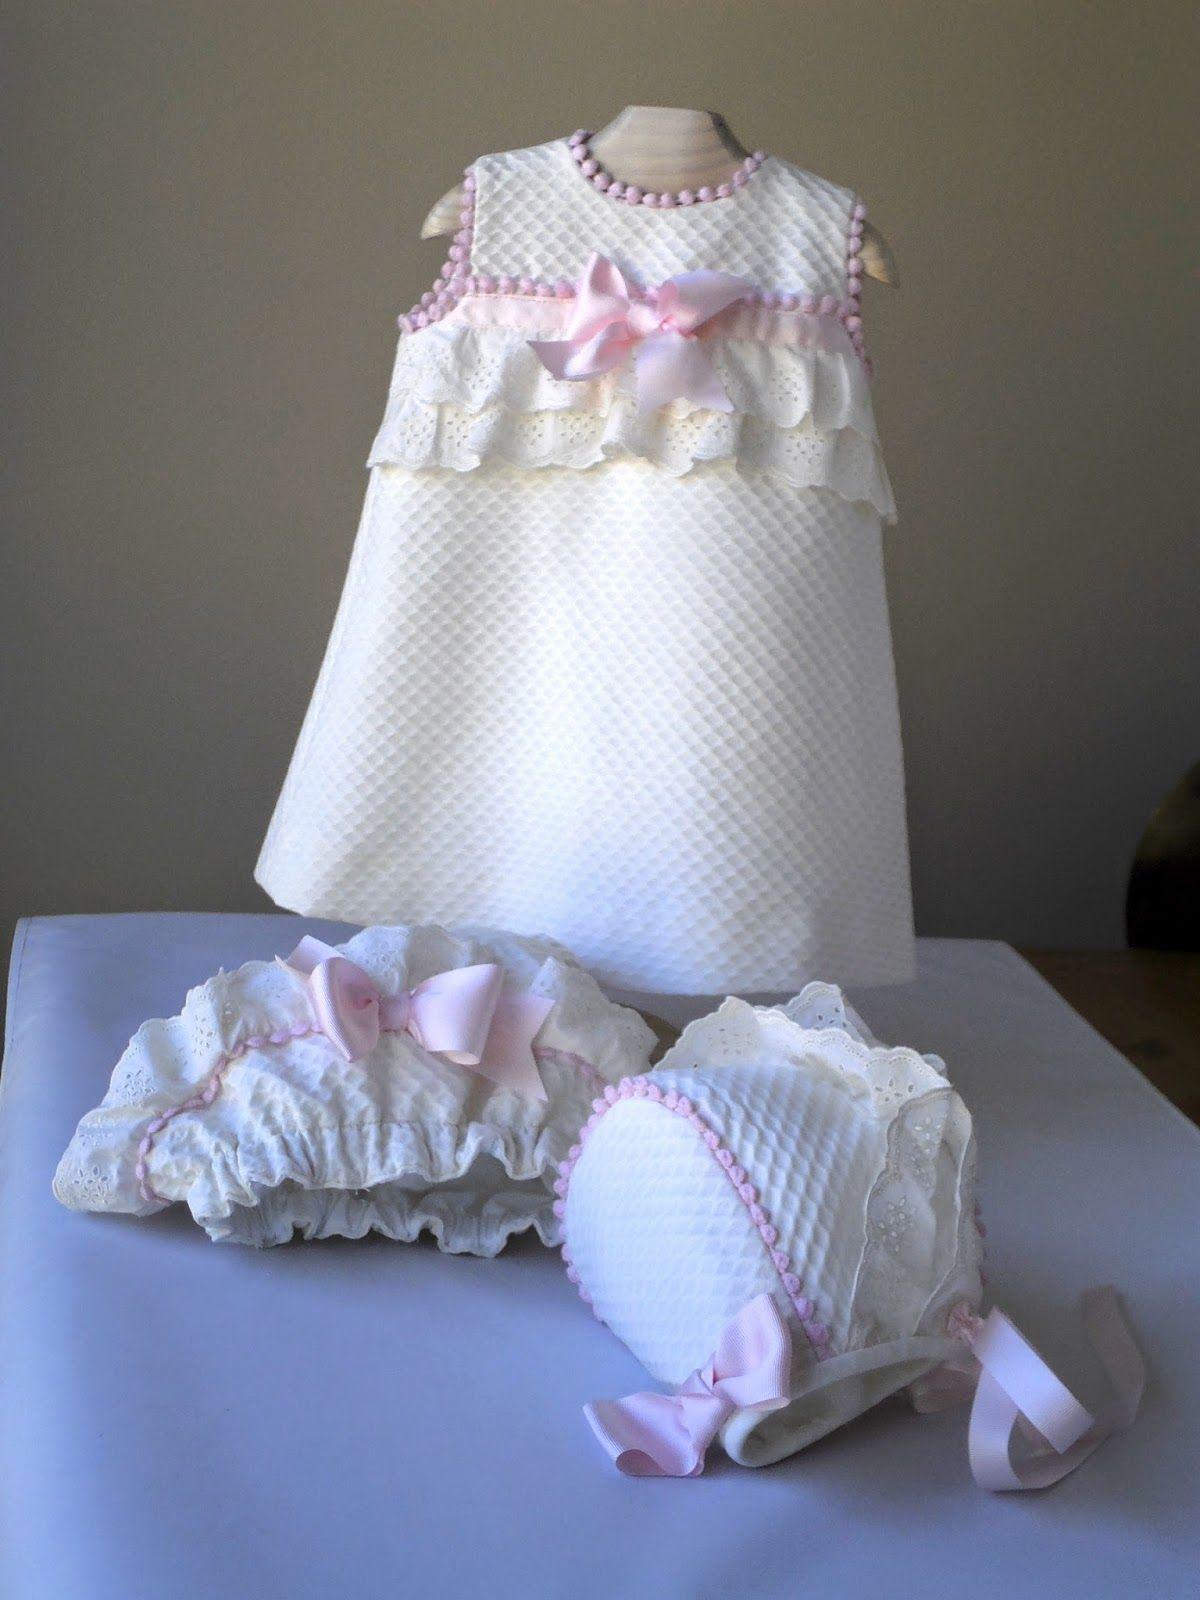 24bf3c093 Mis puntadas: Vestidos | bebes | Pinterest | Puntadas, Vestiditos y Bebe